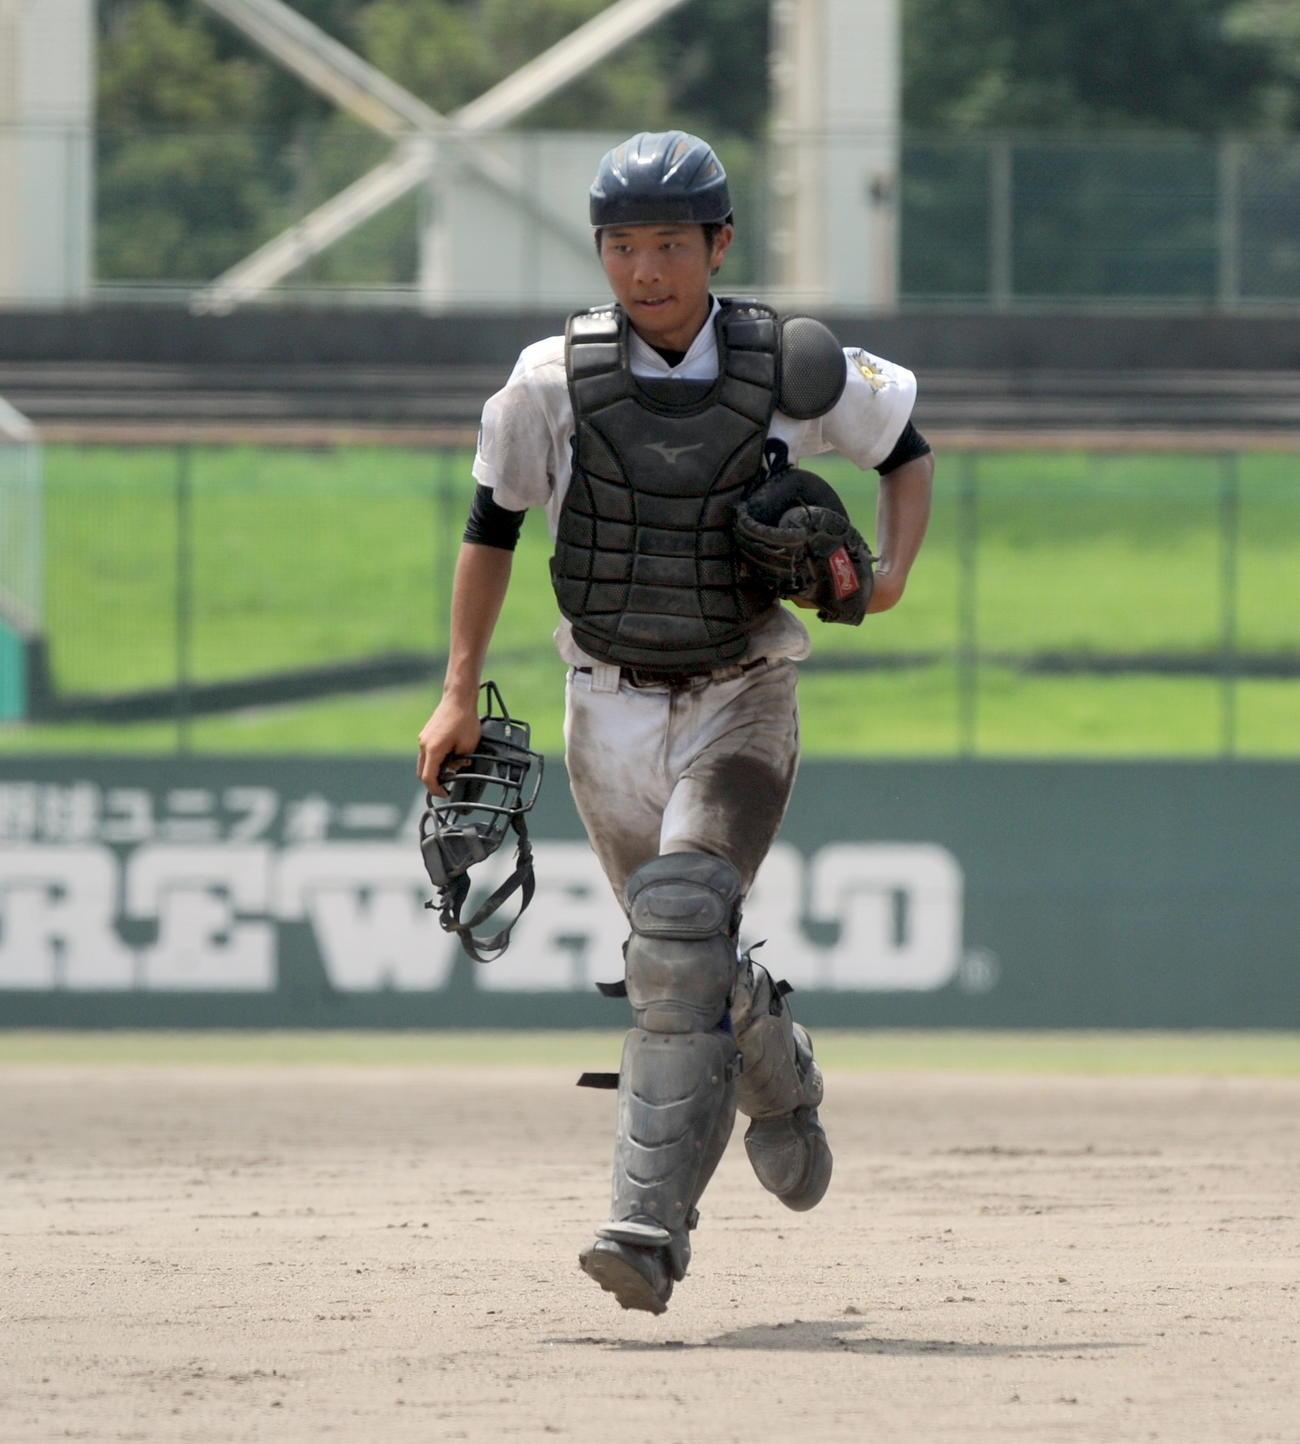 ユニホームを泥だらけにしながら、チームをけん引した浜松啓陽の安藤